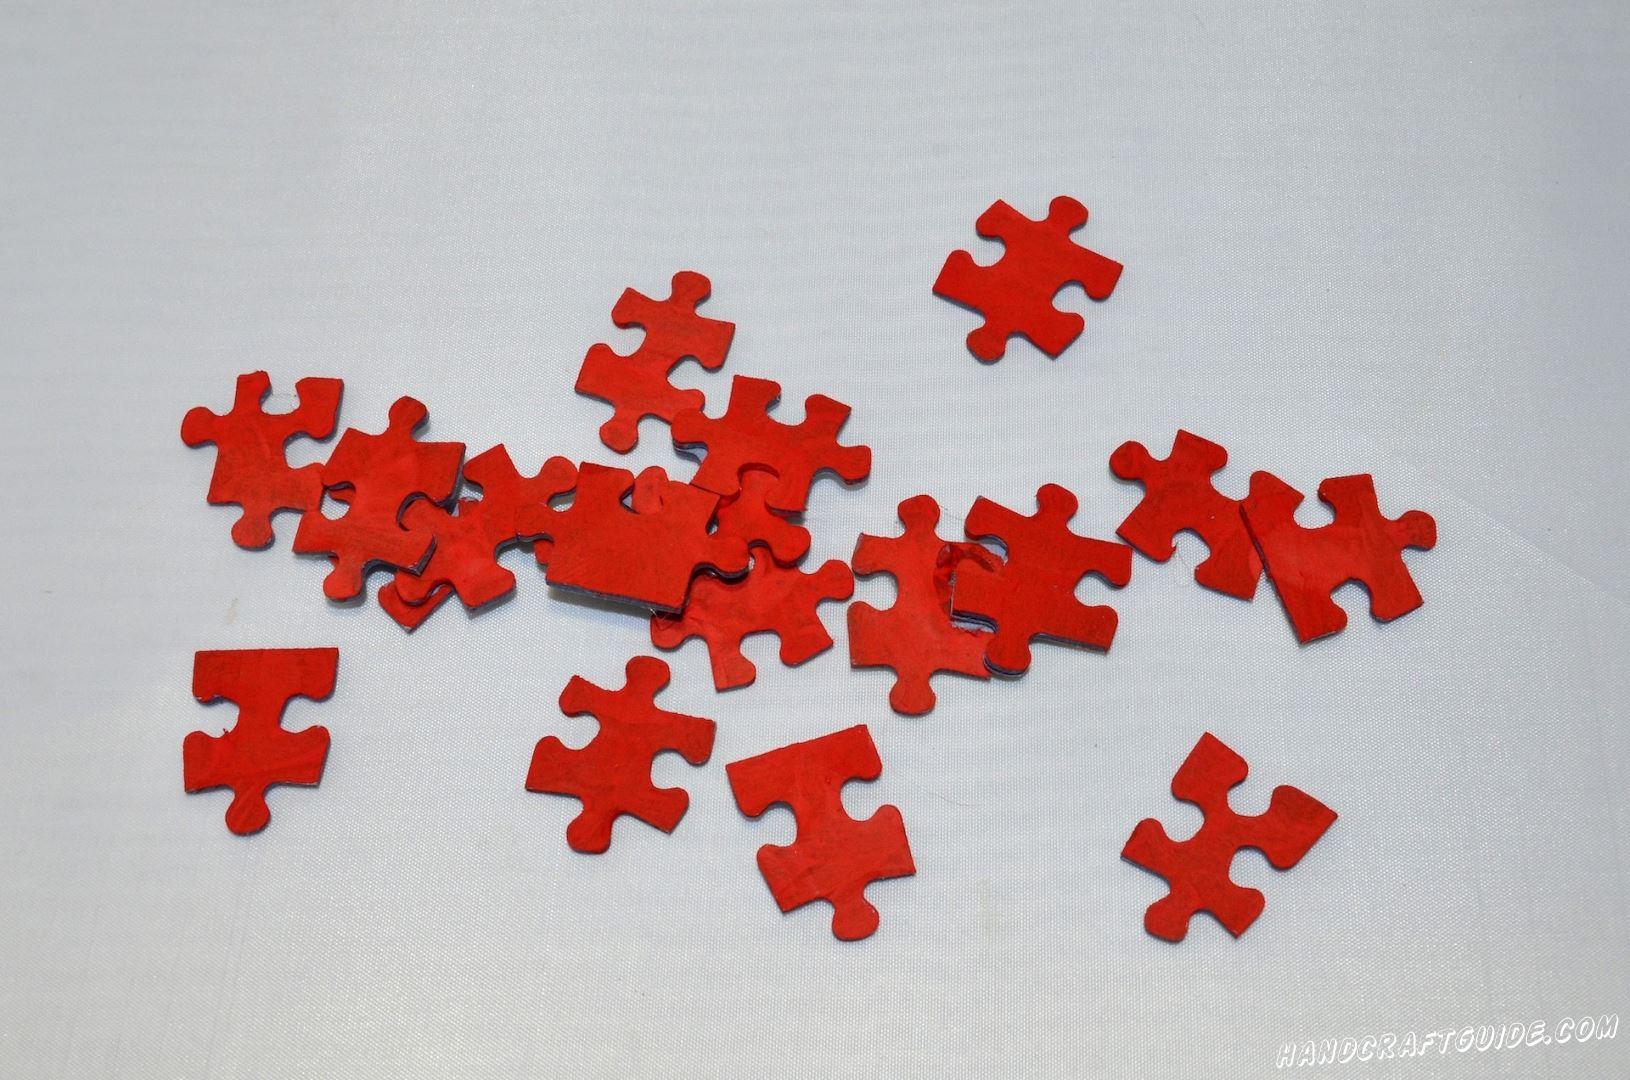 Развернем обратной стороной все пазлы и каждый поочереди разукрасим в красный цвет.